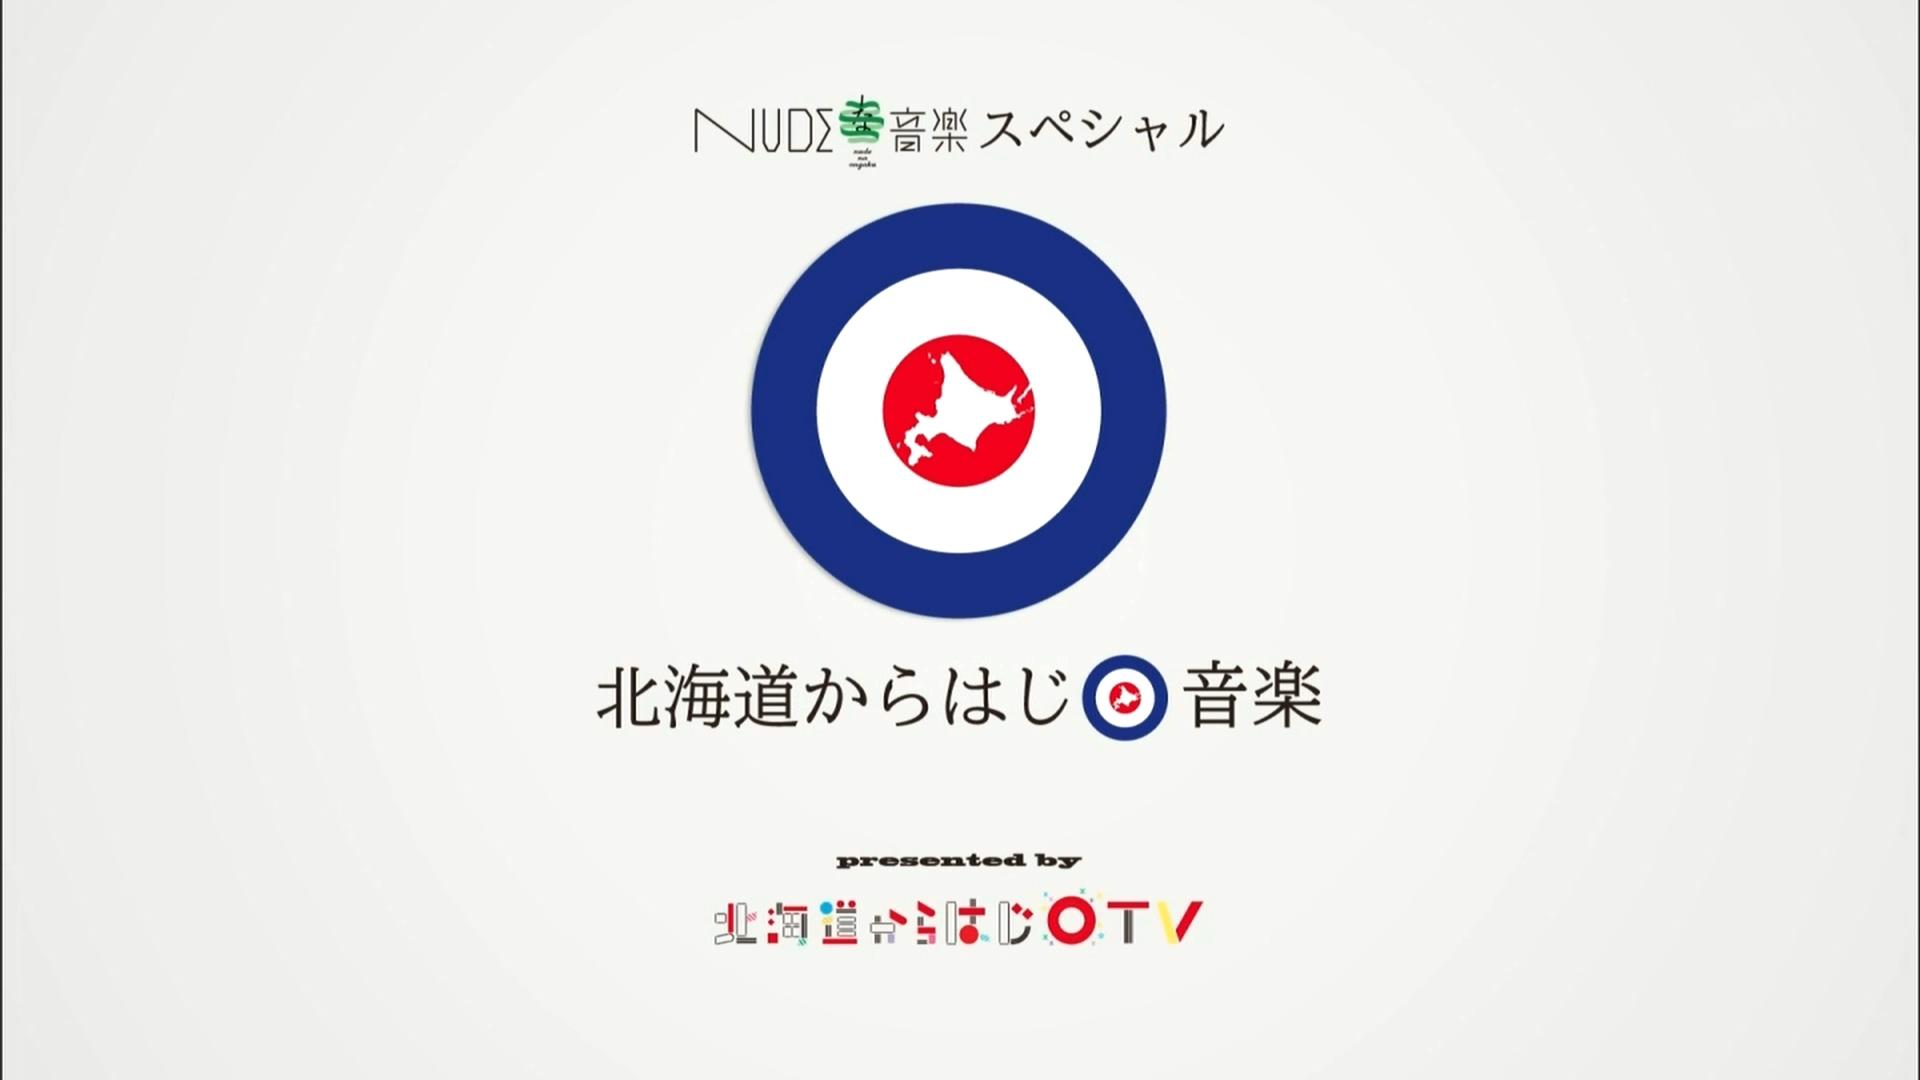 2017.05.14 北海道からはじ○音楽(全場).logo